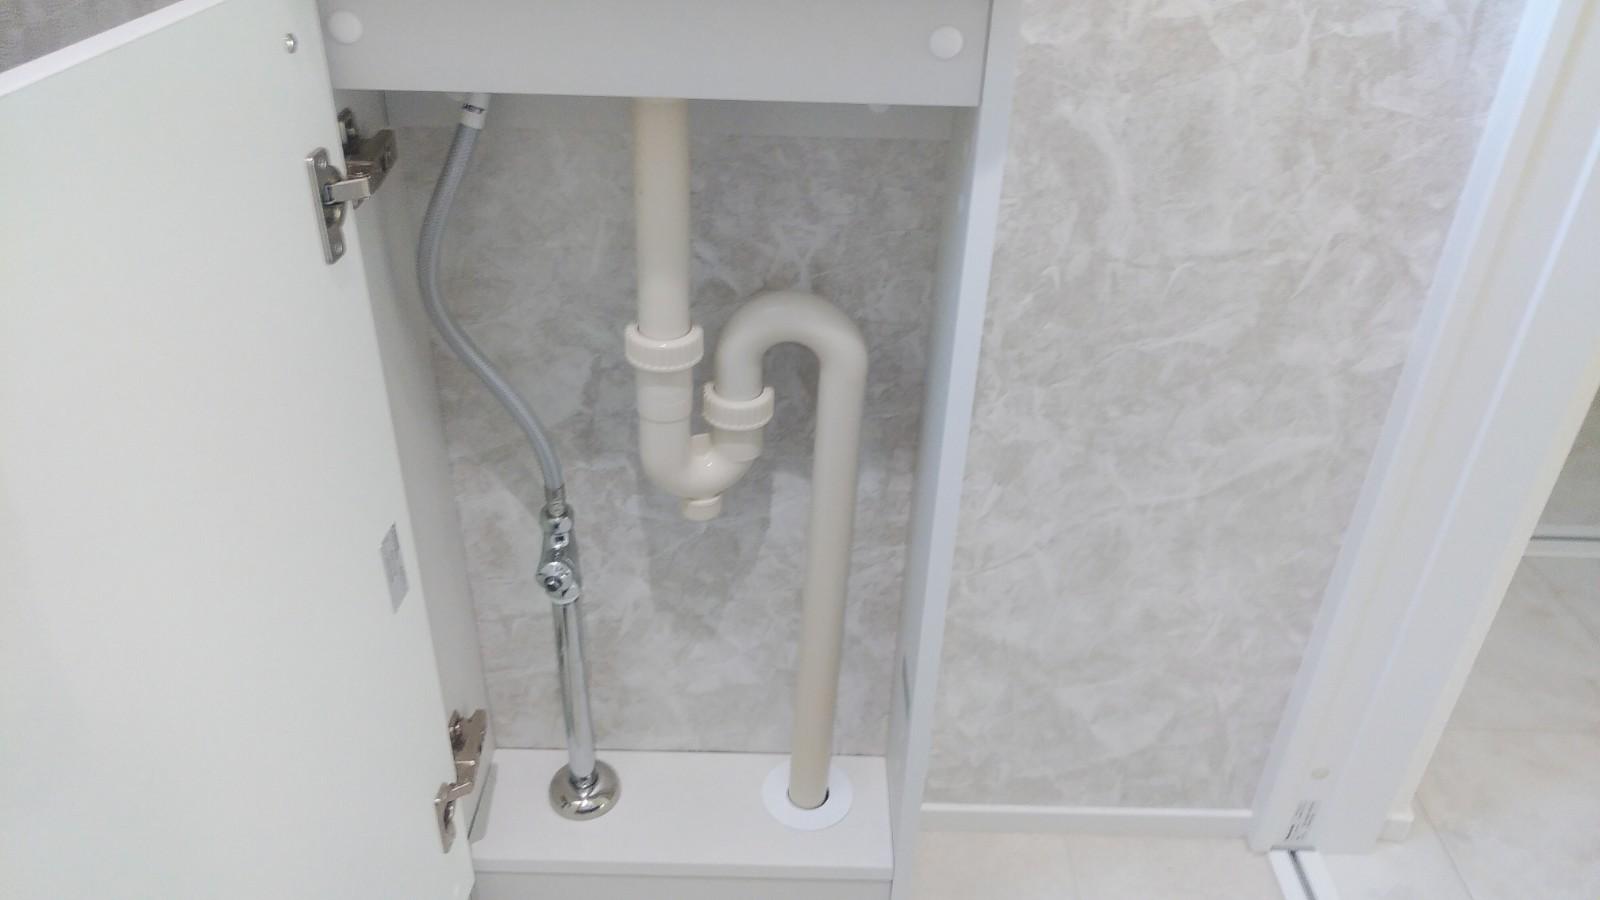 広島県広島市佐伯区 新築住宅 給水給湯設備の配管工事